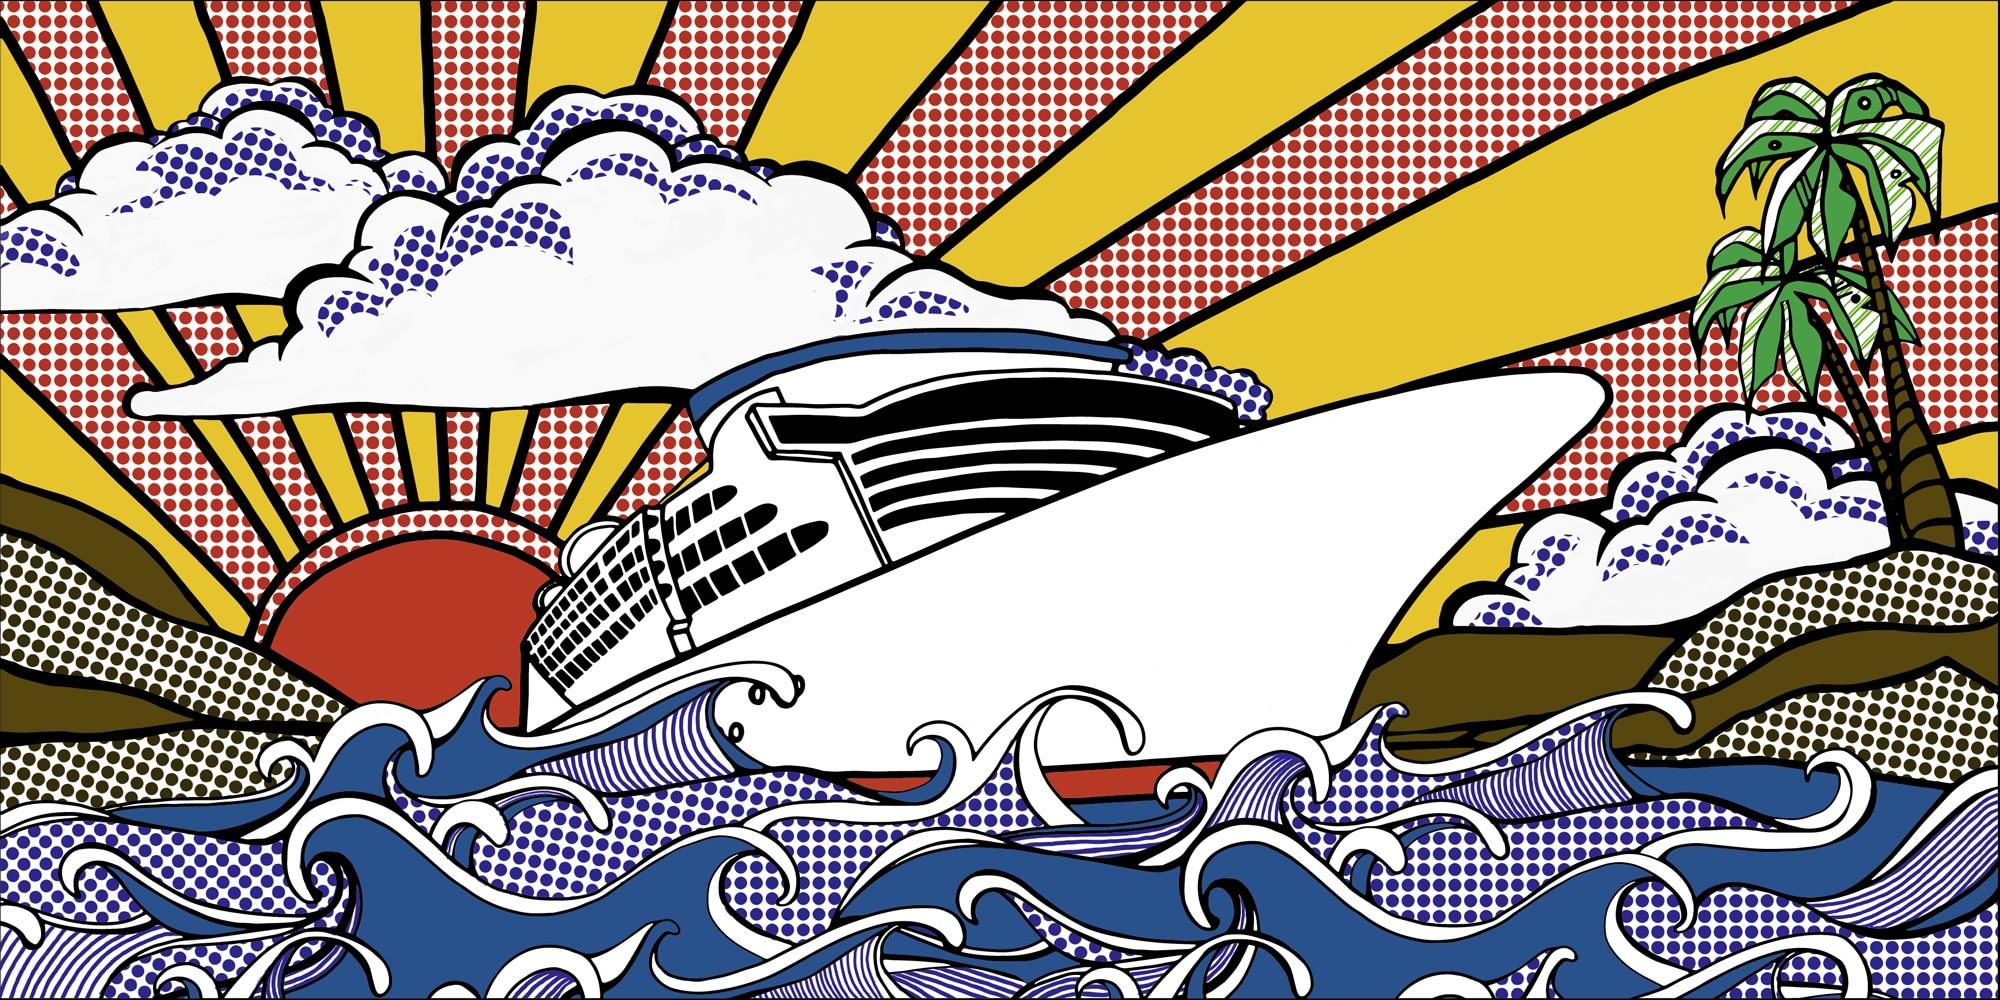 Vectorisierung-Zeichnung-Kreuzfahrschiff-applepie-AGENCY